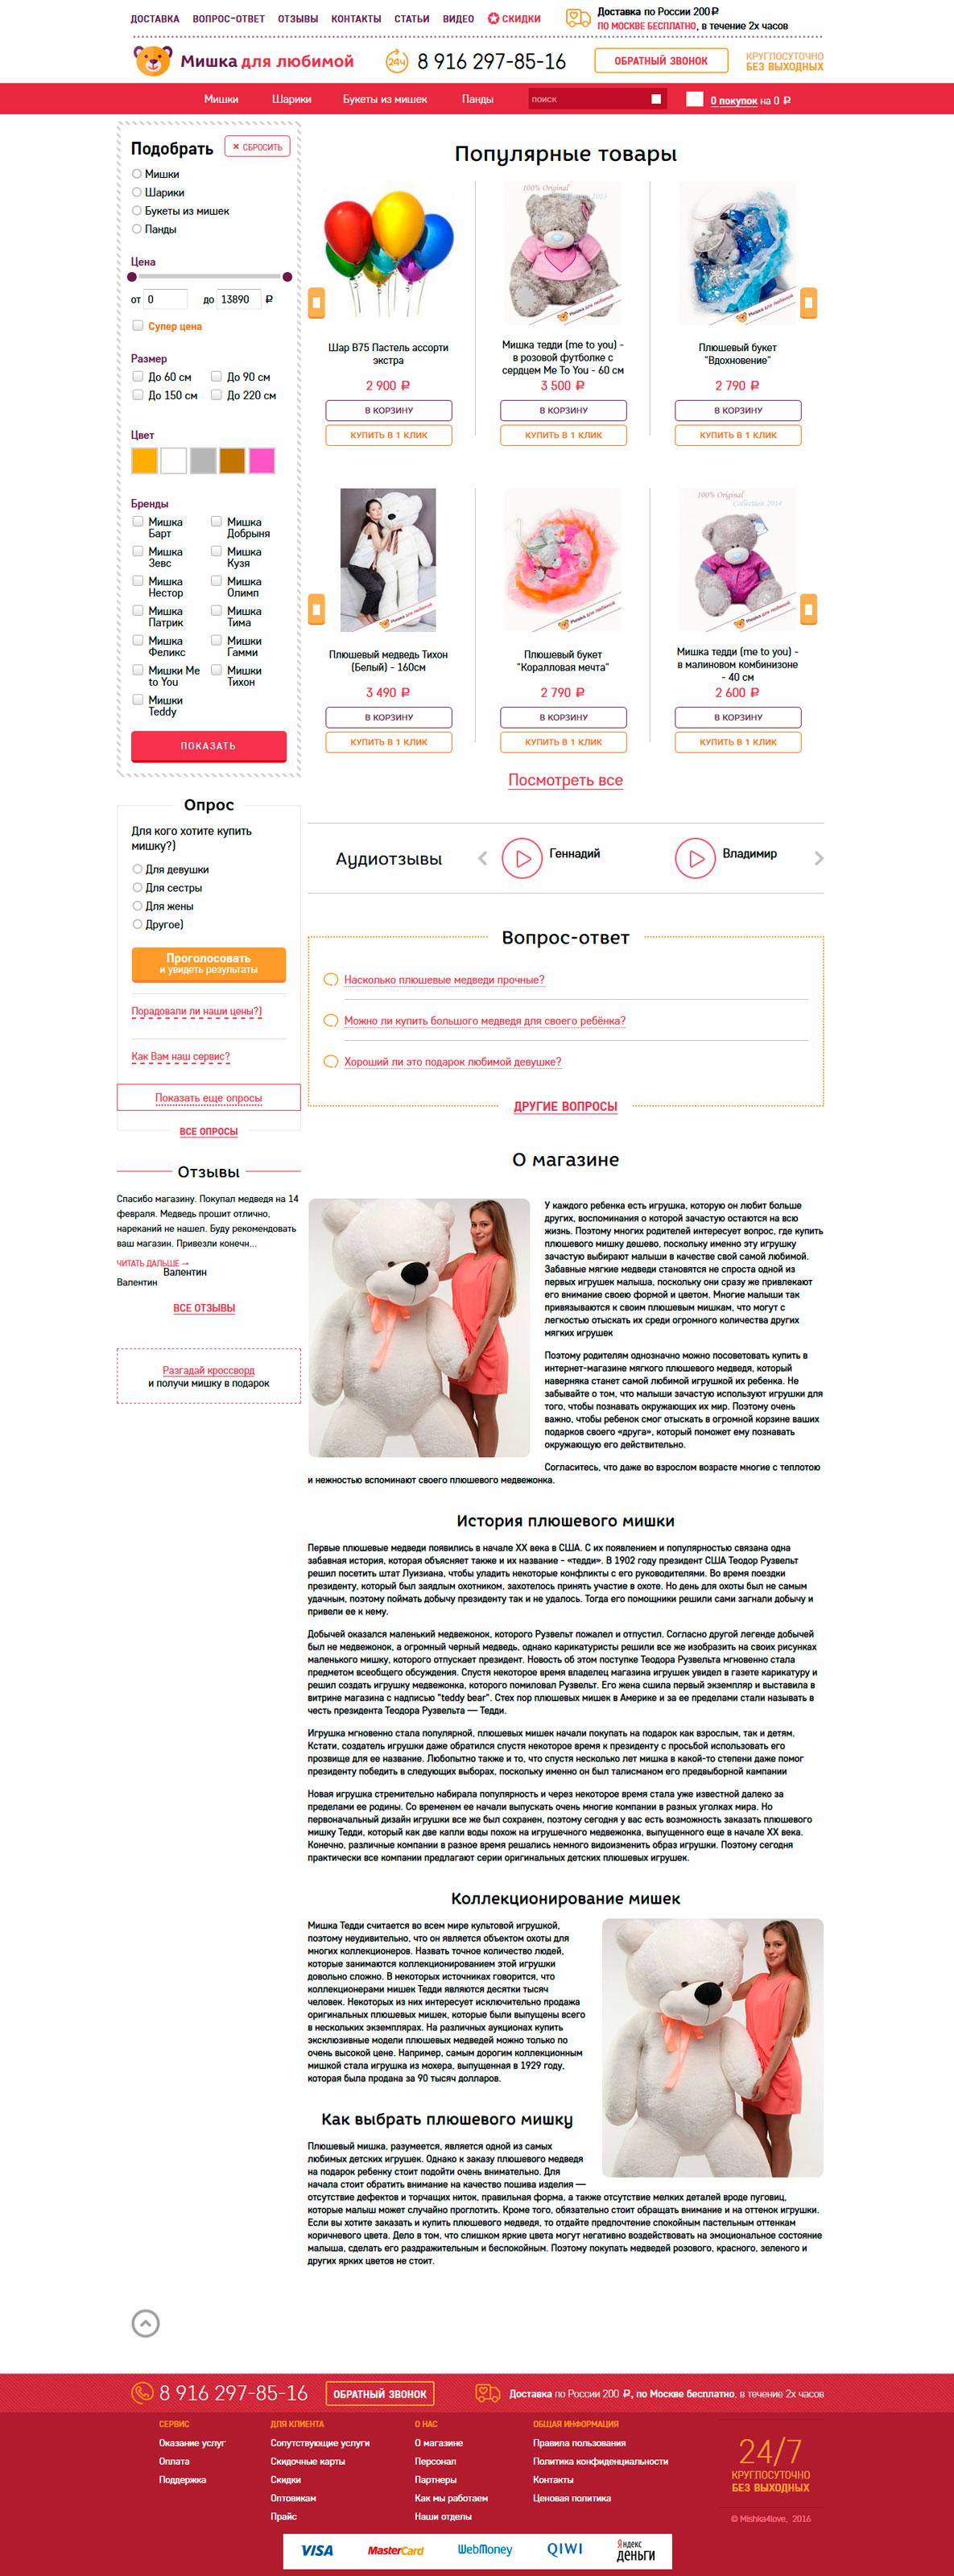 Разработка модулей для сайта (OpenCart)